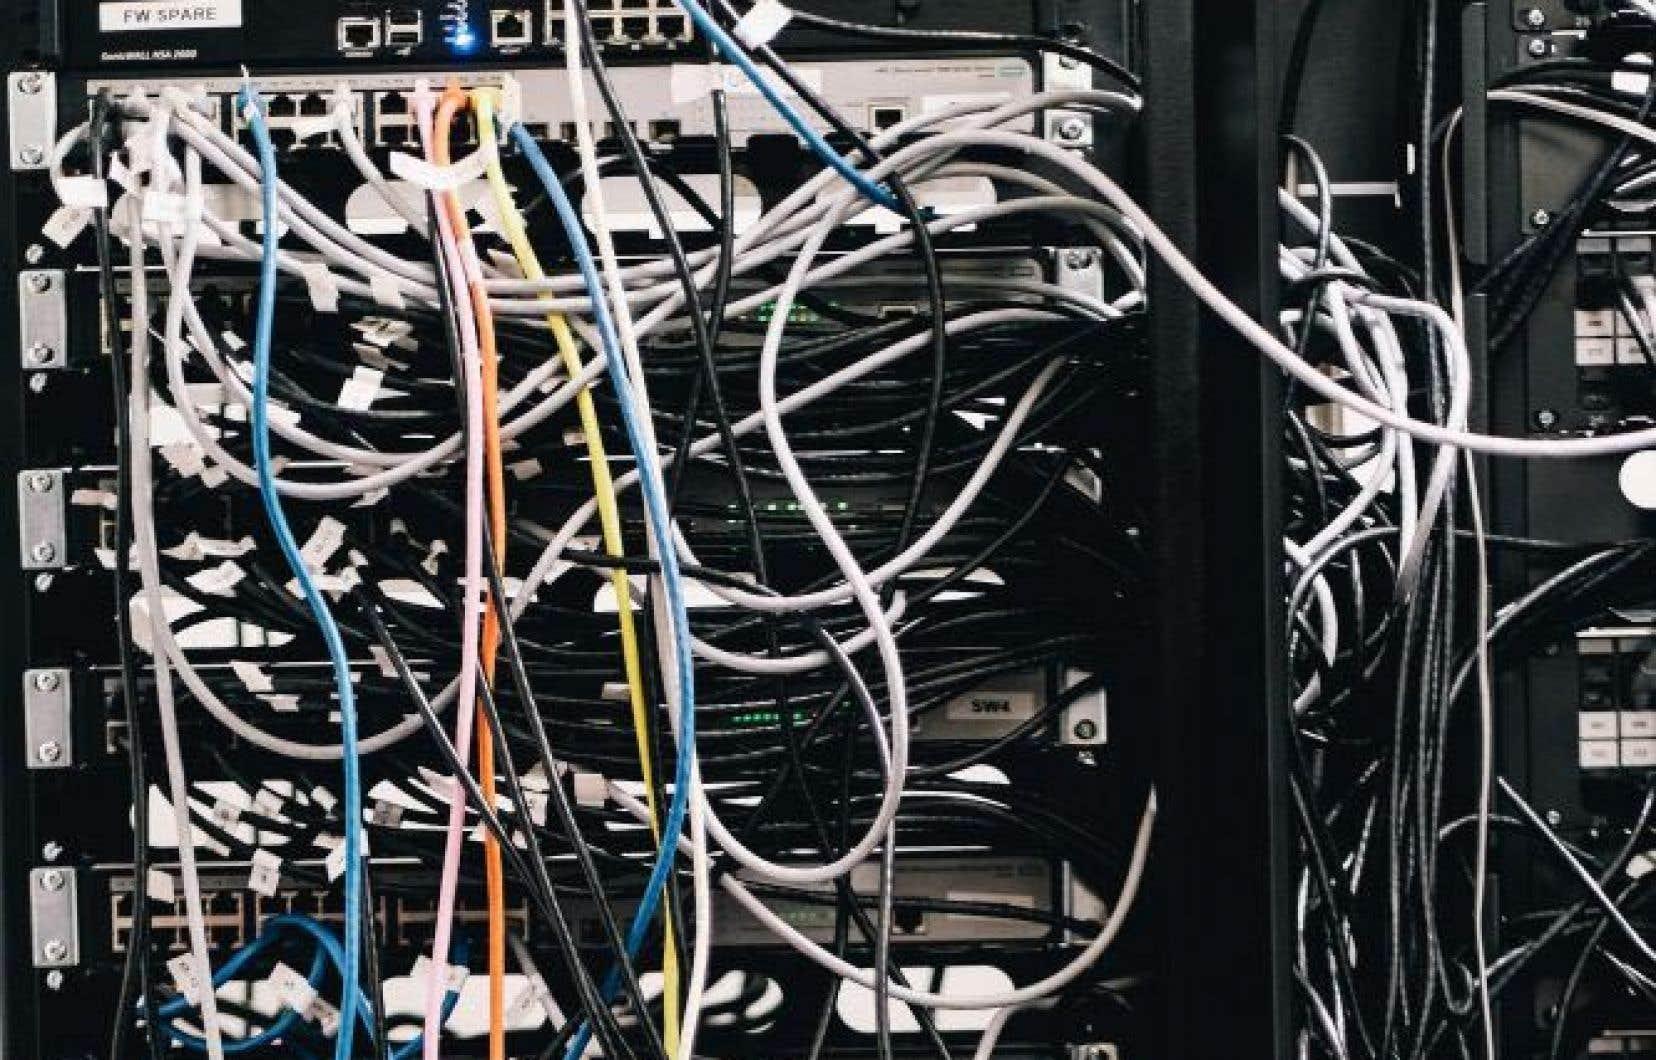 Mieux les entreprises seront préparées, plus elles limiteront les dommages d'un cyberincident.